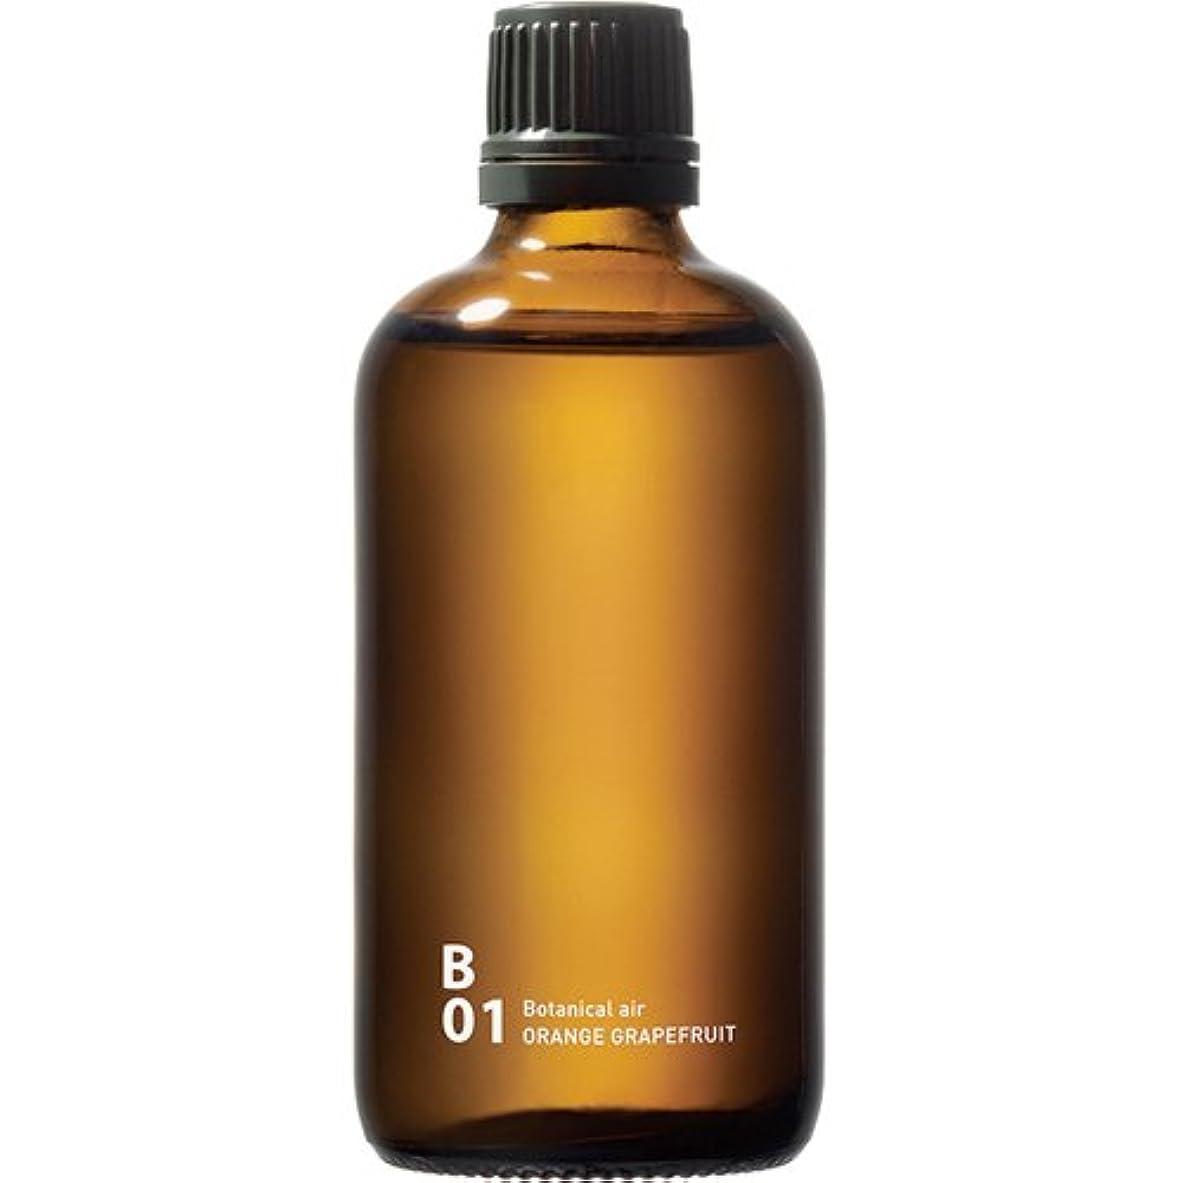 ふざけた許容できる懐疑論B01 ORANGE GRAPEFRUIT piezo aroma oil 100ml